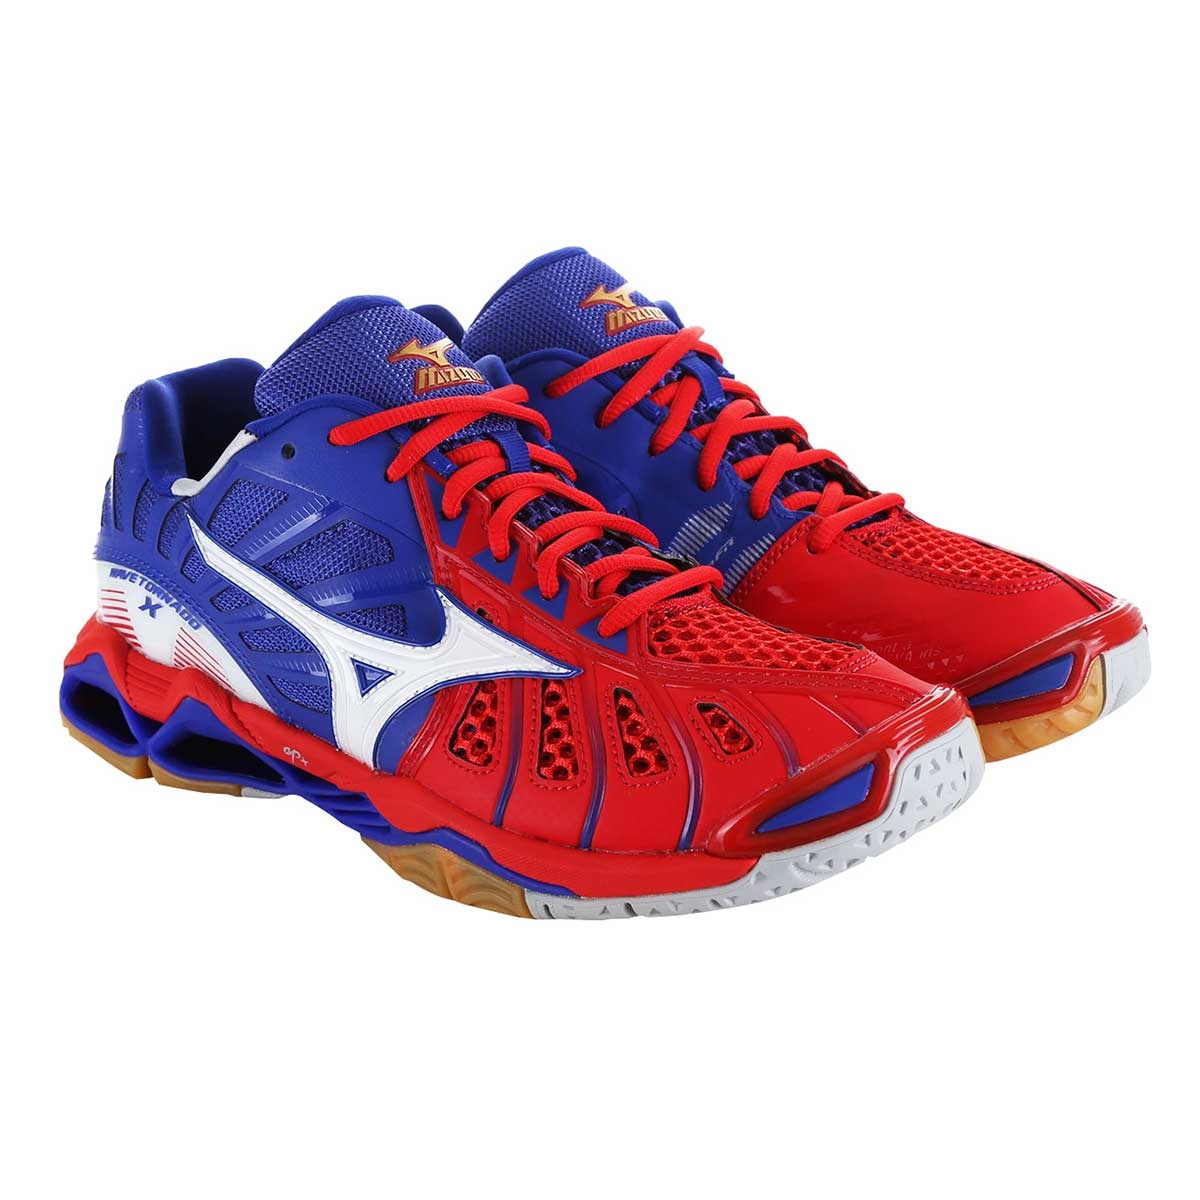 mizuno squash shoes